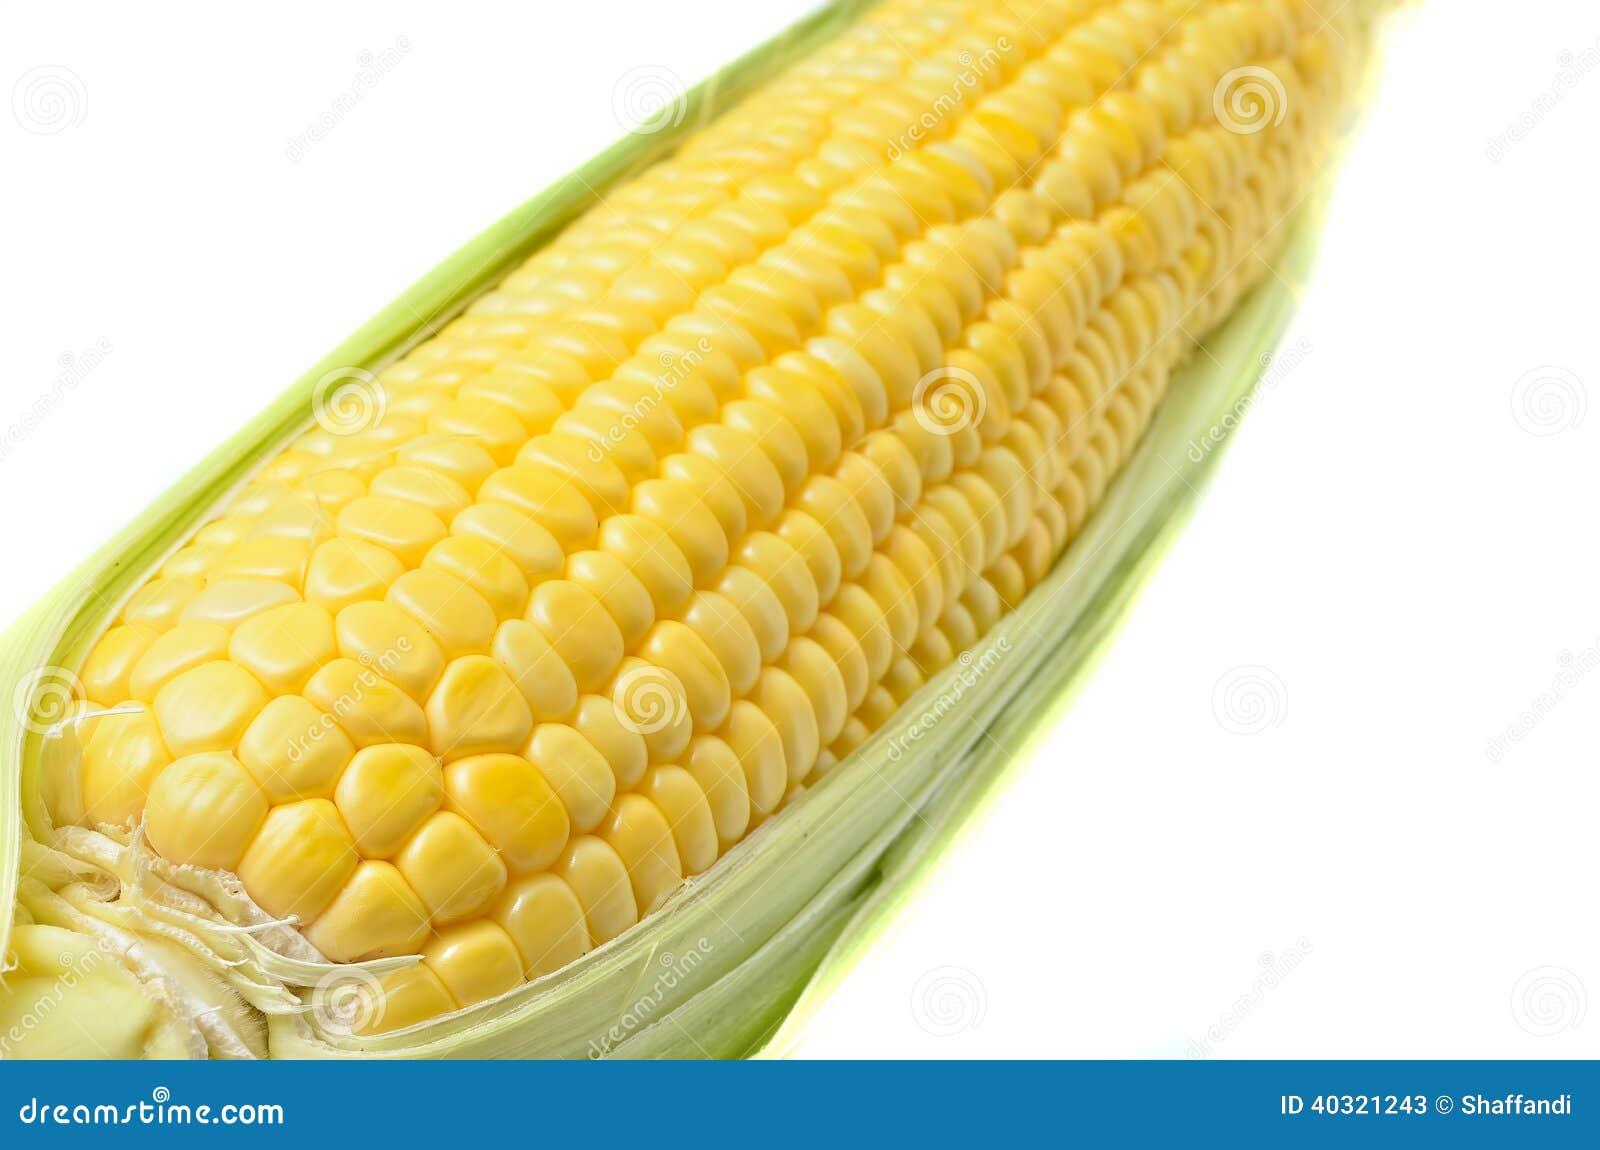 在白色背景隔绝的一个玉米穗.图片